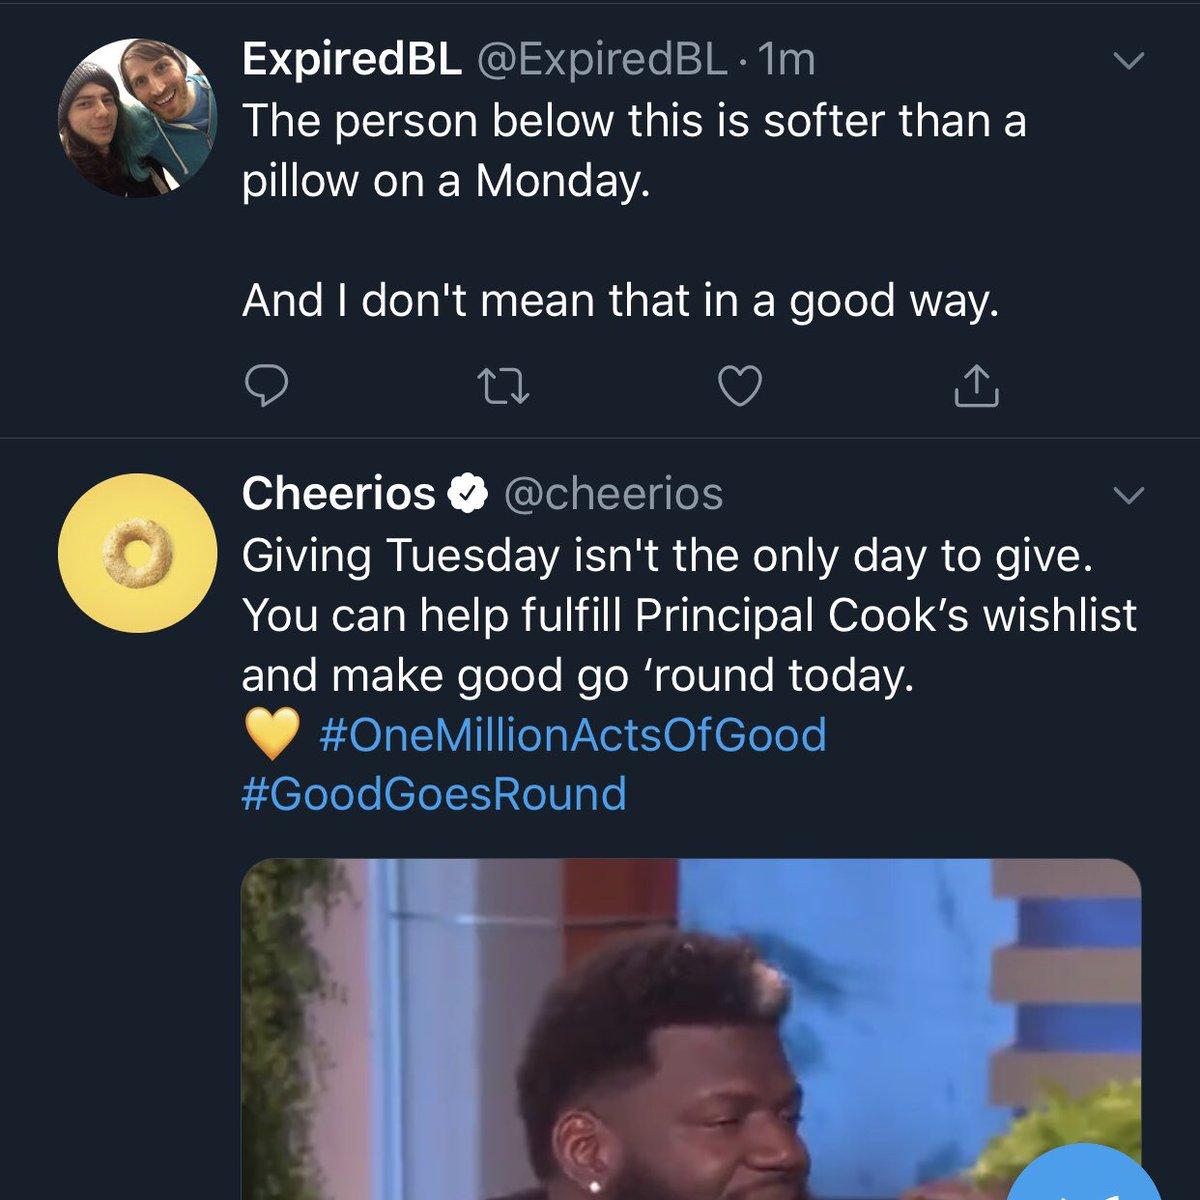 @ExpiredBL CHEERIOS?!